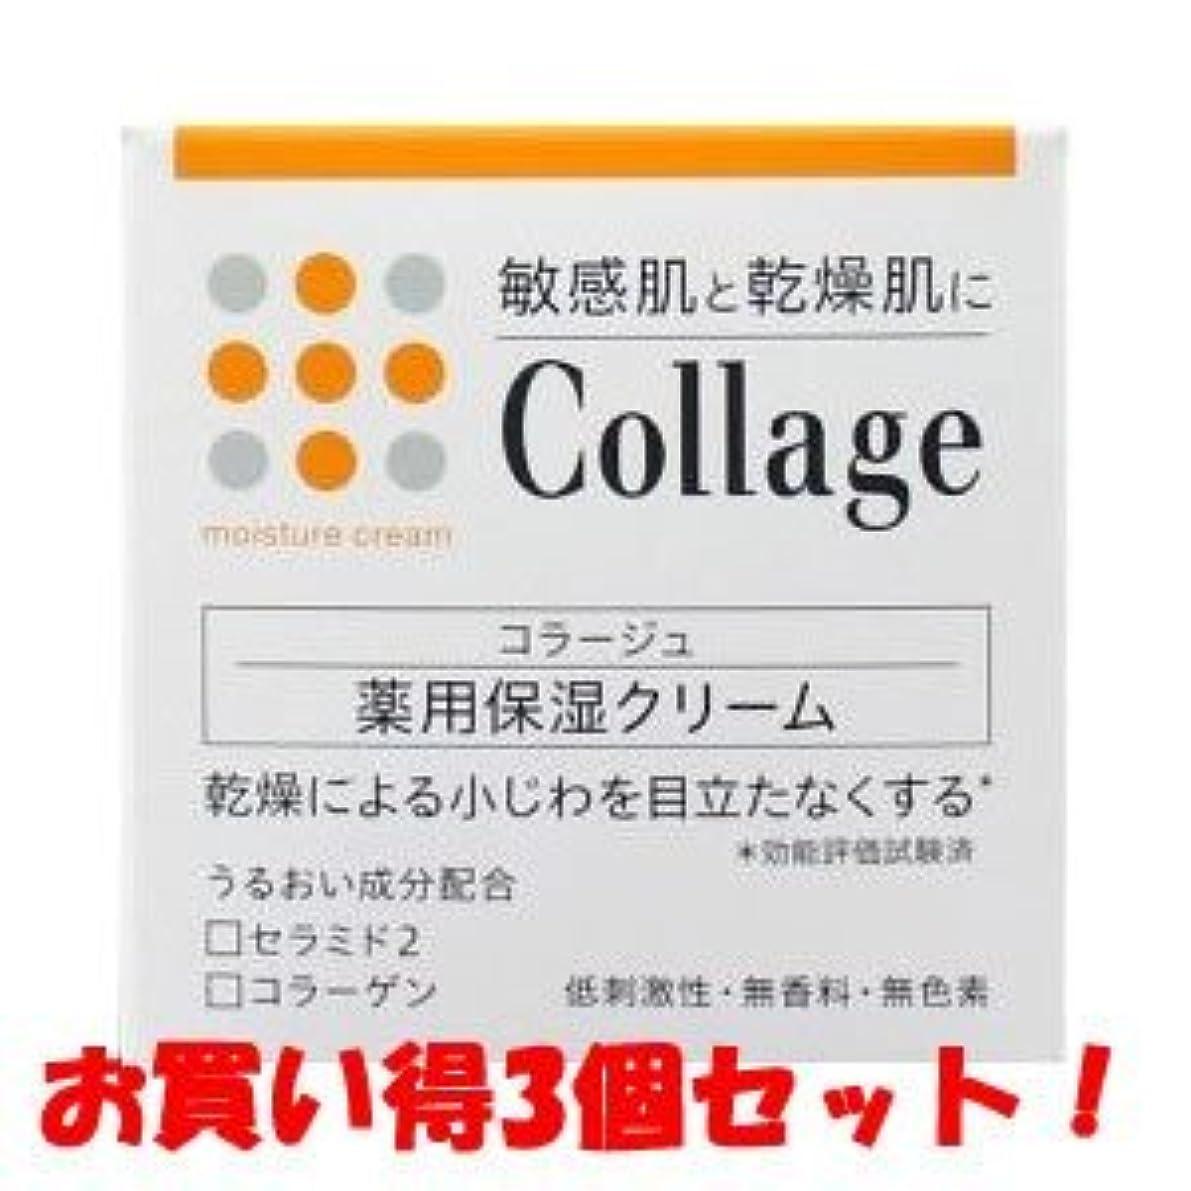 クレジットうぬぼれ宣伝(持田ヘルスケア)コラージュ 薬用保湿クリーム 30g(医薬部外品)(お買い得3個セット)